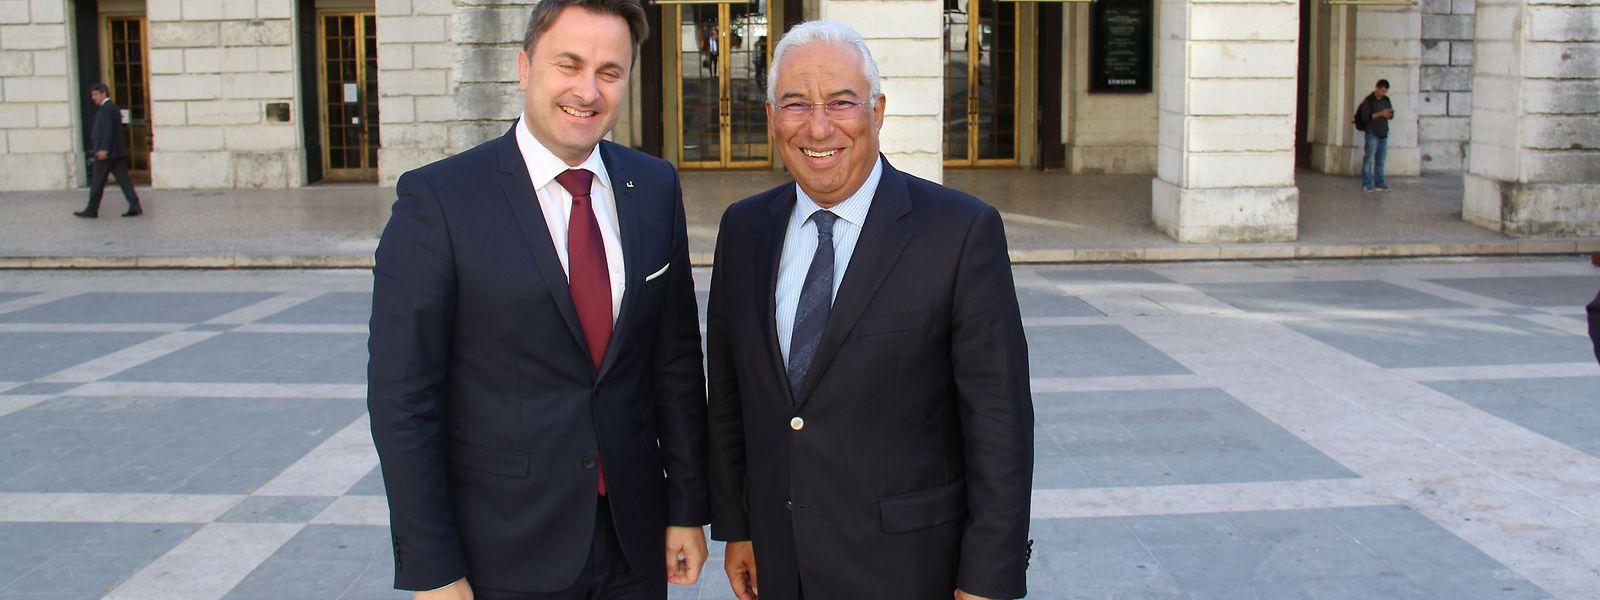 Xavier Bettel com António Costa, hoje em Lisboa.